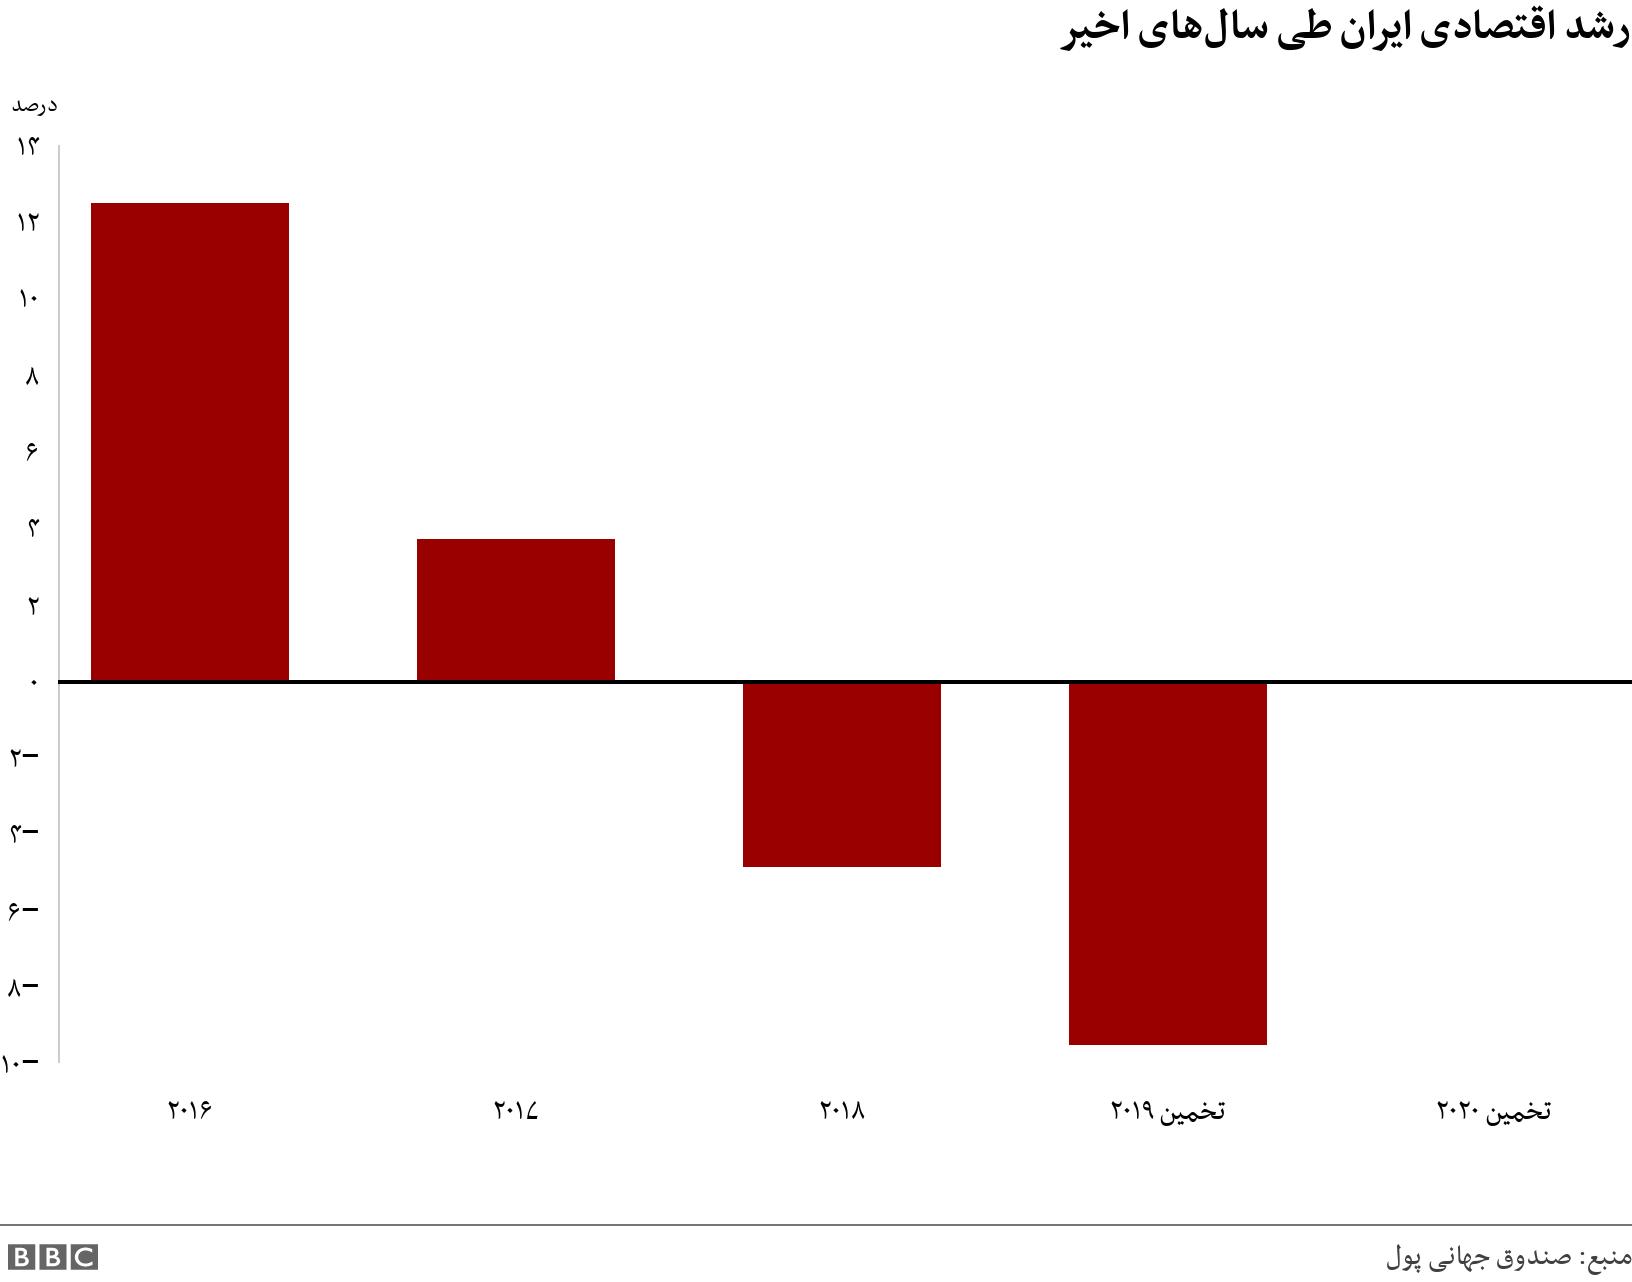 رشد اقتصادی ایران طی سالهای اخیر. .  .